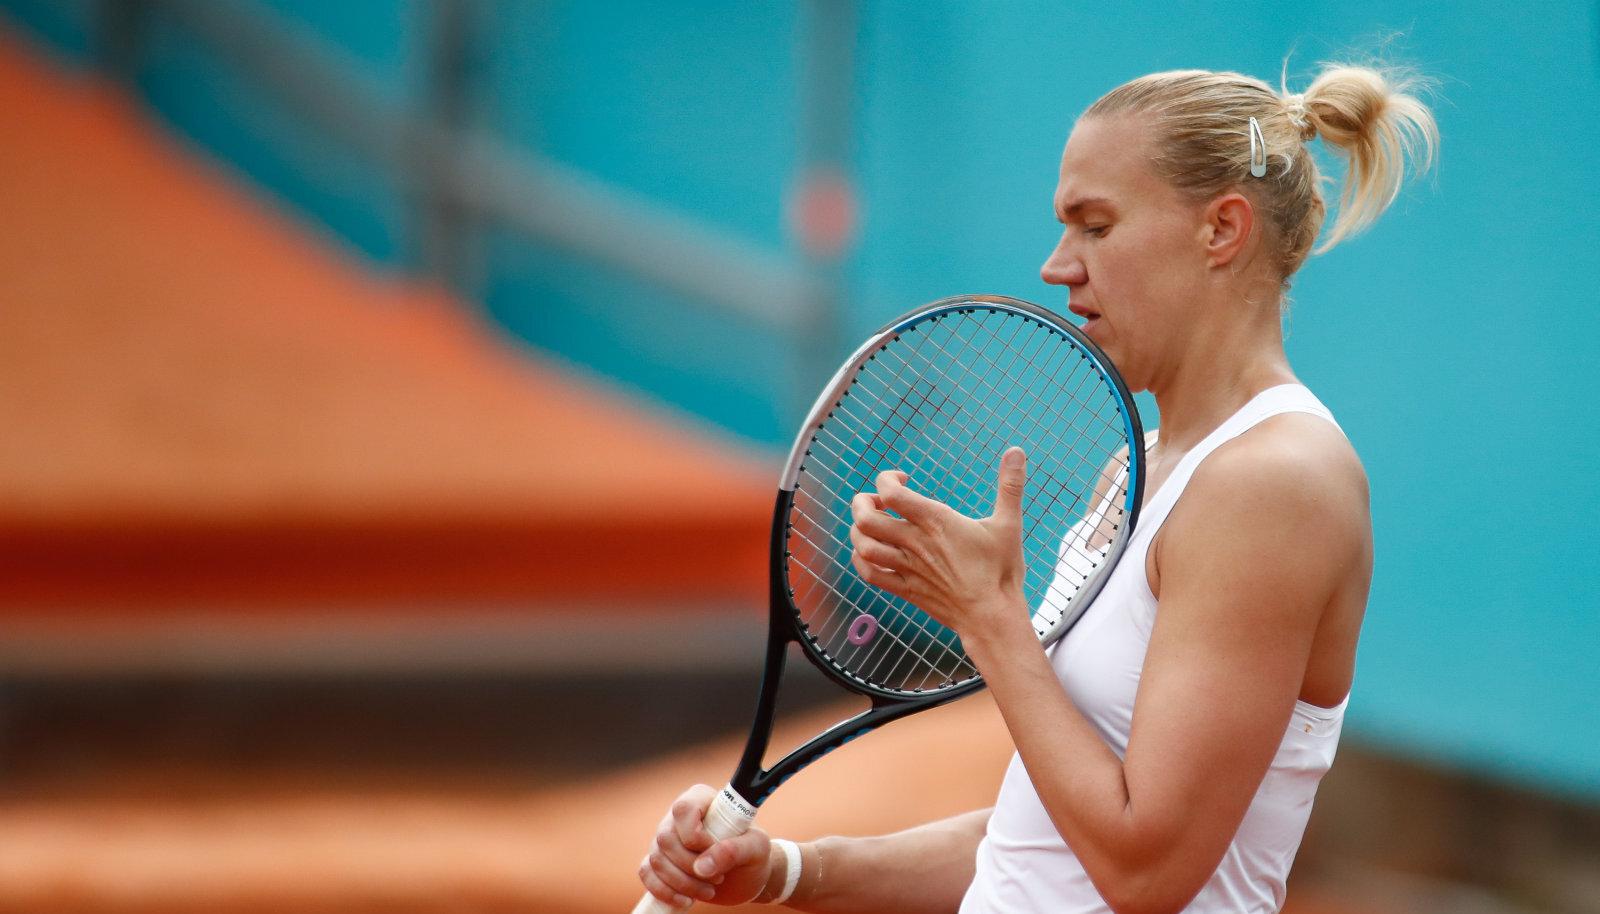 Kaia Kanepi jaoks on liivahooaeg lõppenud. Kahe nädala pärast algab juba Wimbledoni suure slämmi turniiri murul.